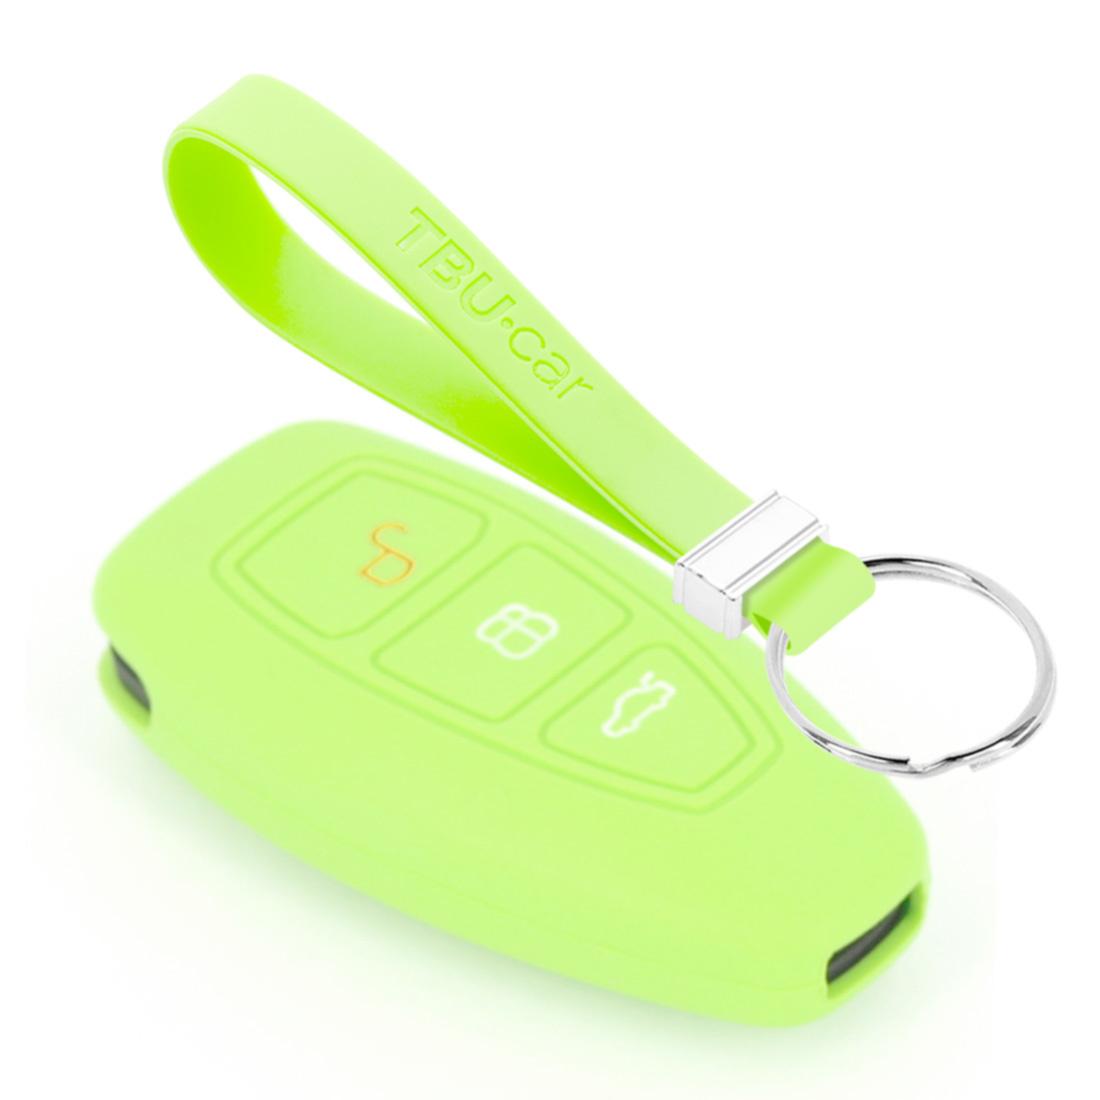 TBU car TBU car Autoschlüssel Hülle kompatibel mit Ford 3 Tasten (Keyless Entry) - Schutzhülle aus Silikon - Auto Schlüsselhülle Cover in Im Dunkeln leuchten